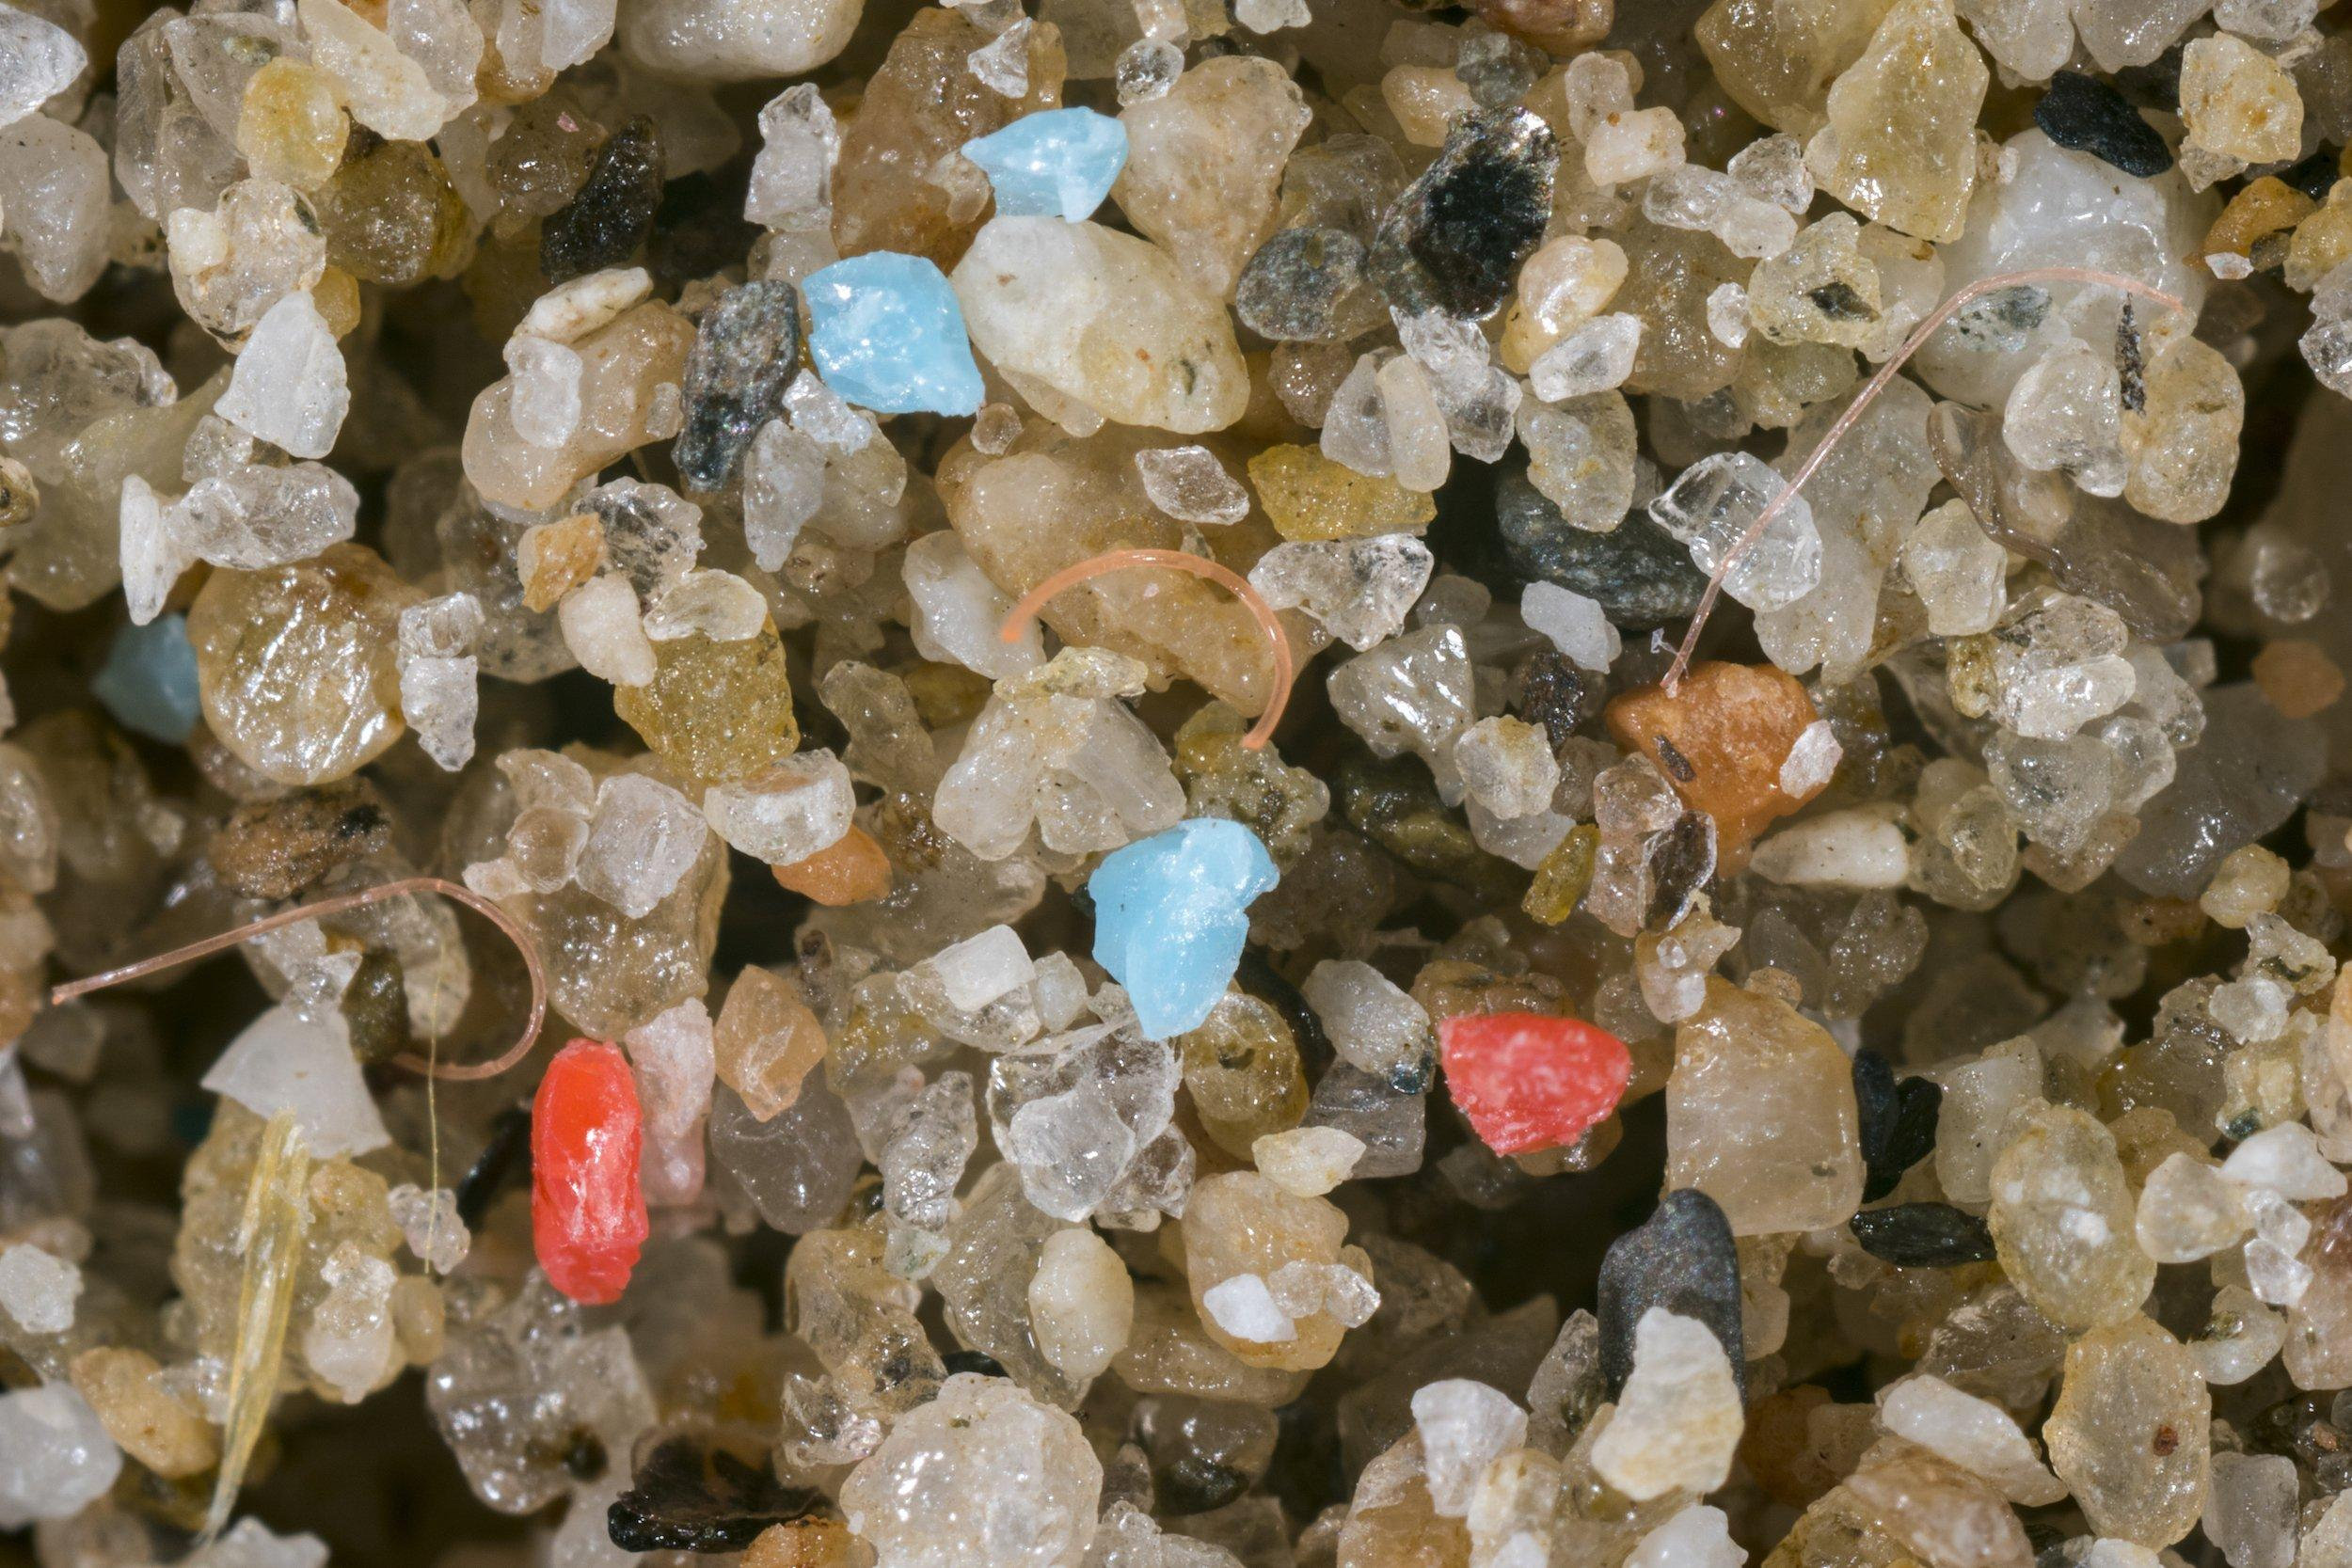 Kleinste Plastikteile zwischen Sandkörnern.